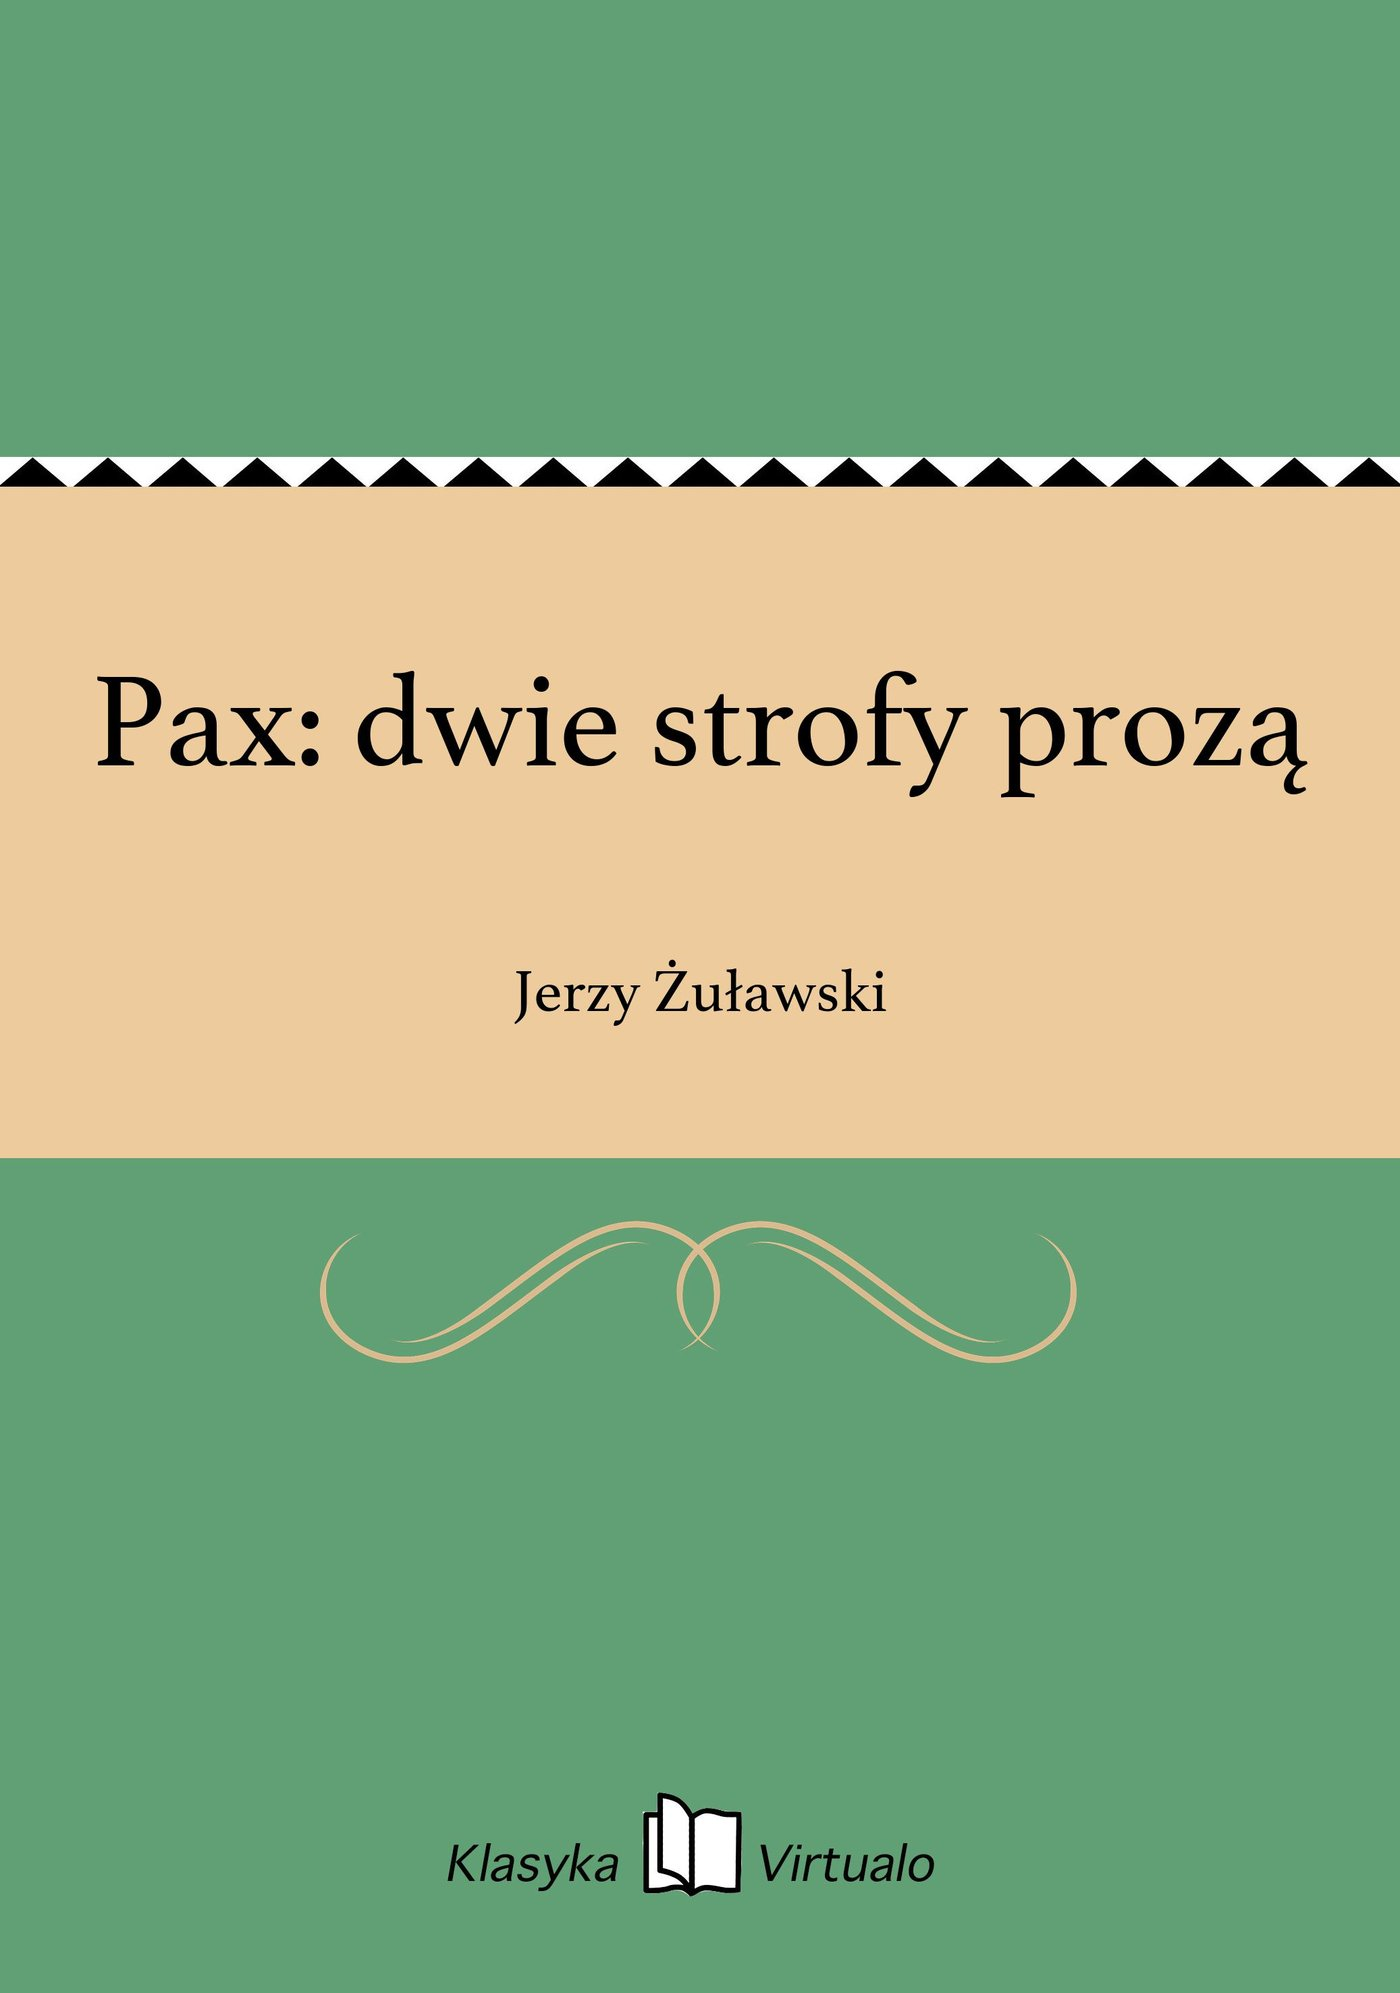 Pax: dwie strofy prozą - Ebook (Książka na Kindle) do pobrania w formacie MOBI